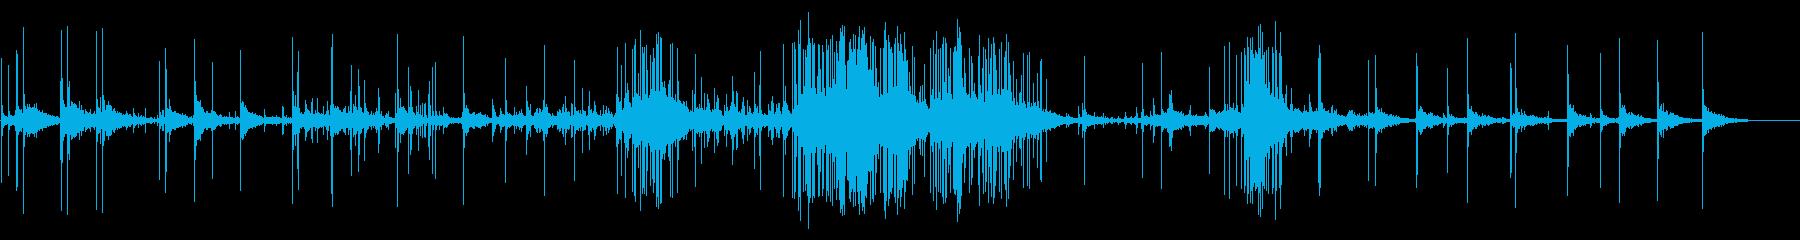 花火、大、遠距離、バージョン1; ...の再生済みの波形